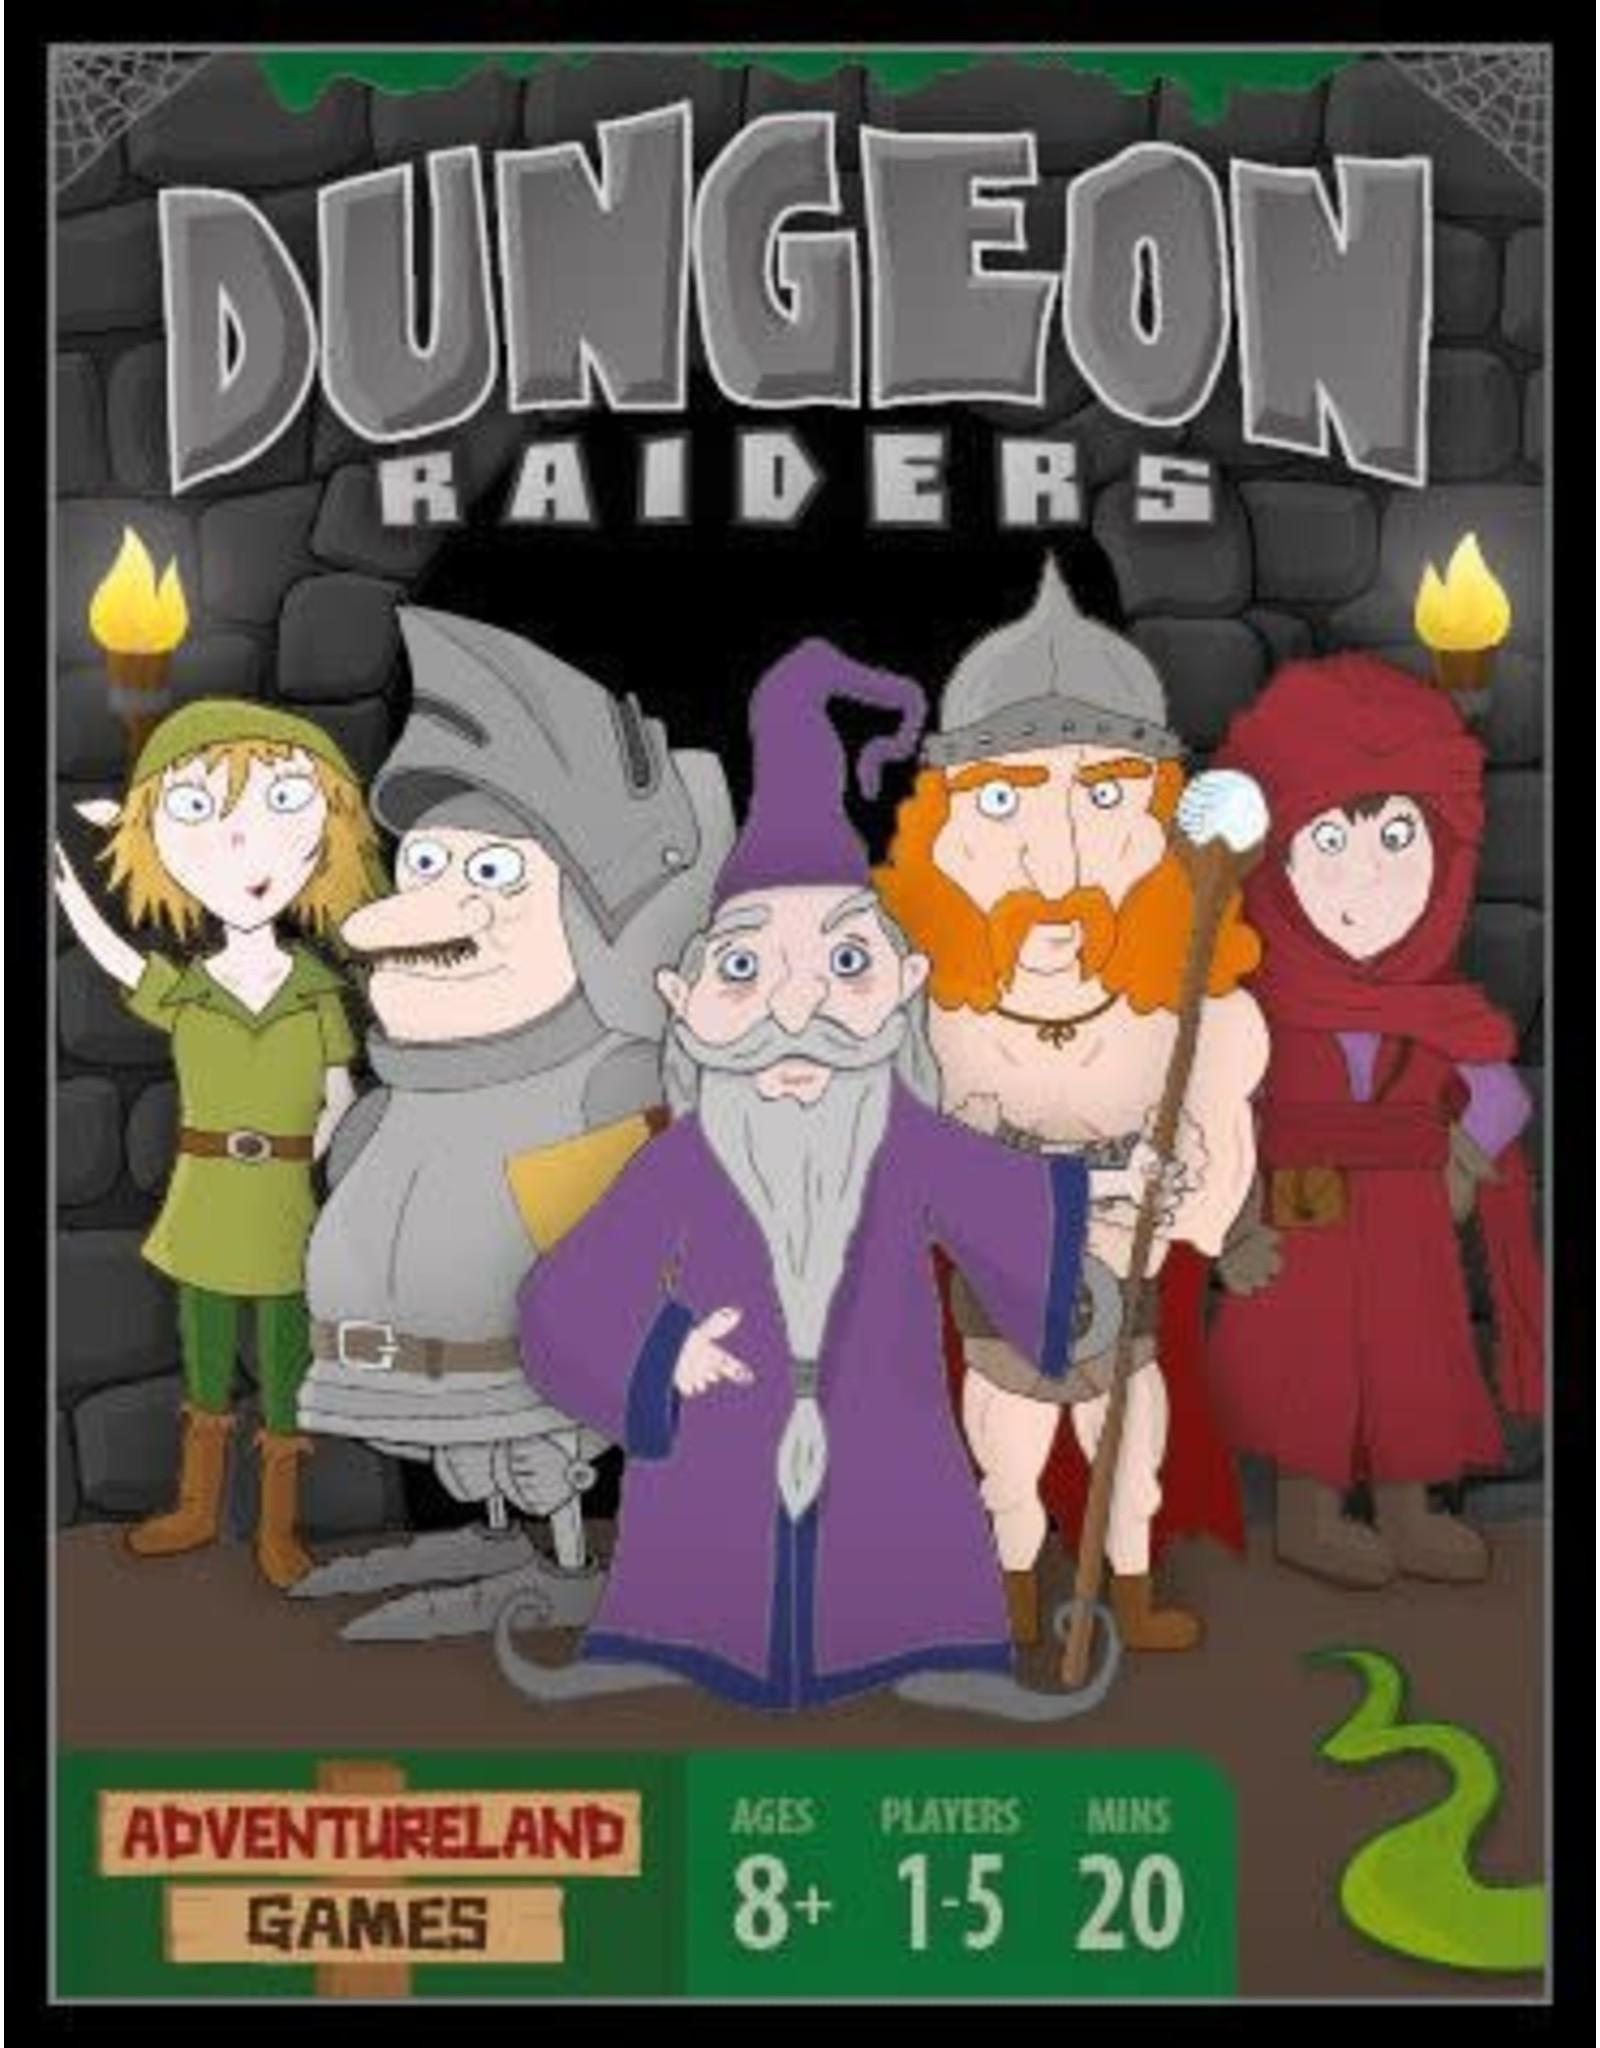 ADVENTURELAND GAMES DUNGEON RAIDERS 1ST EDITION (OOP)